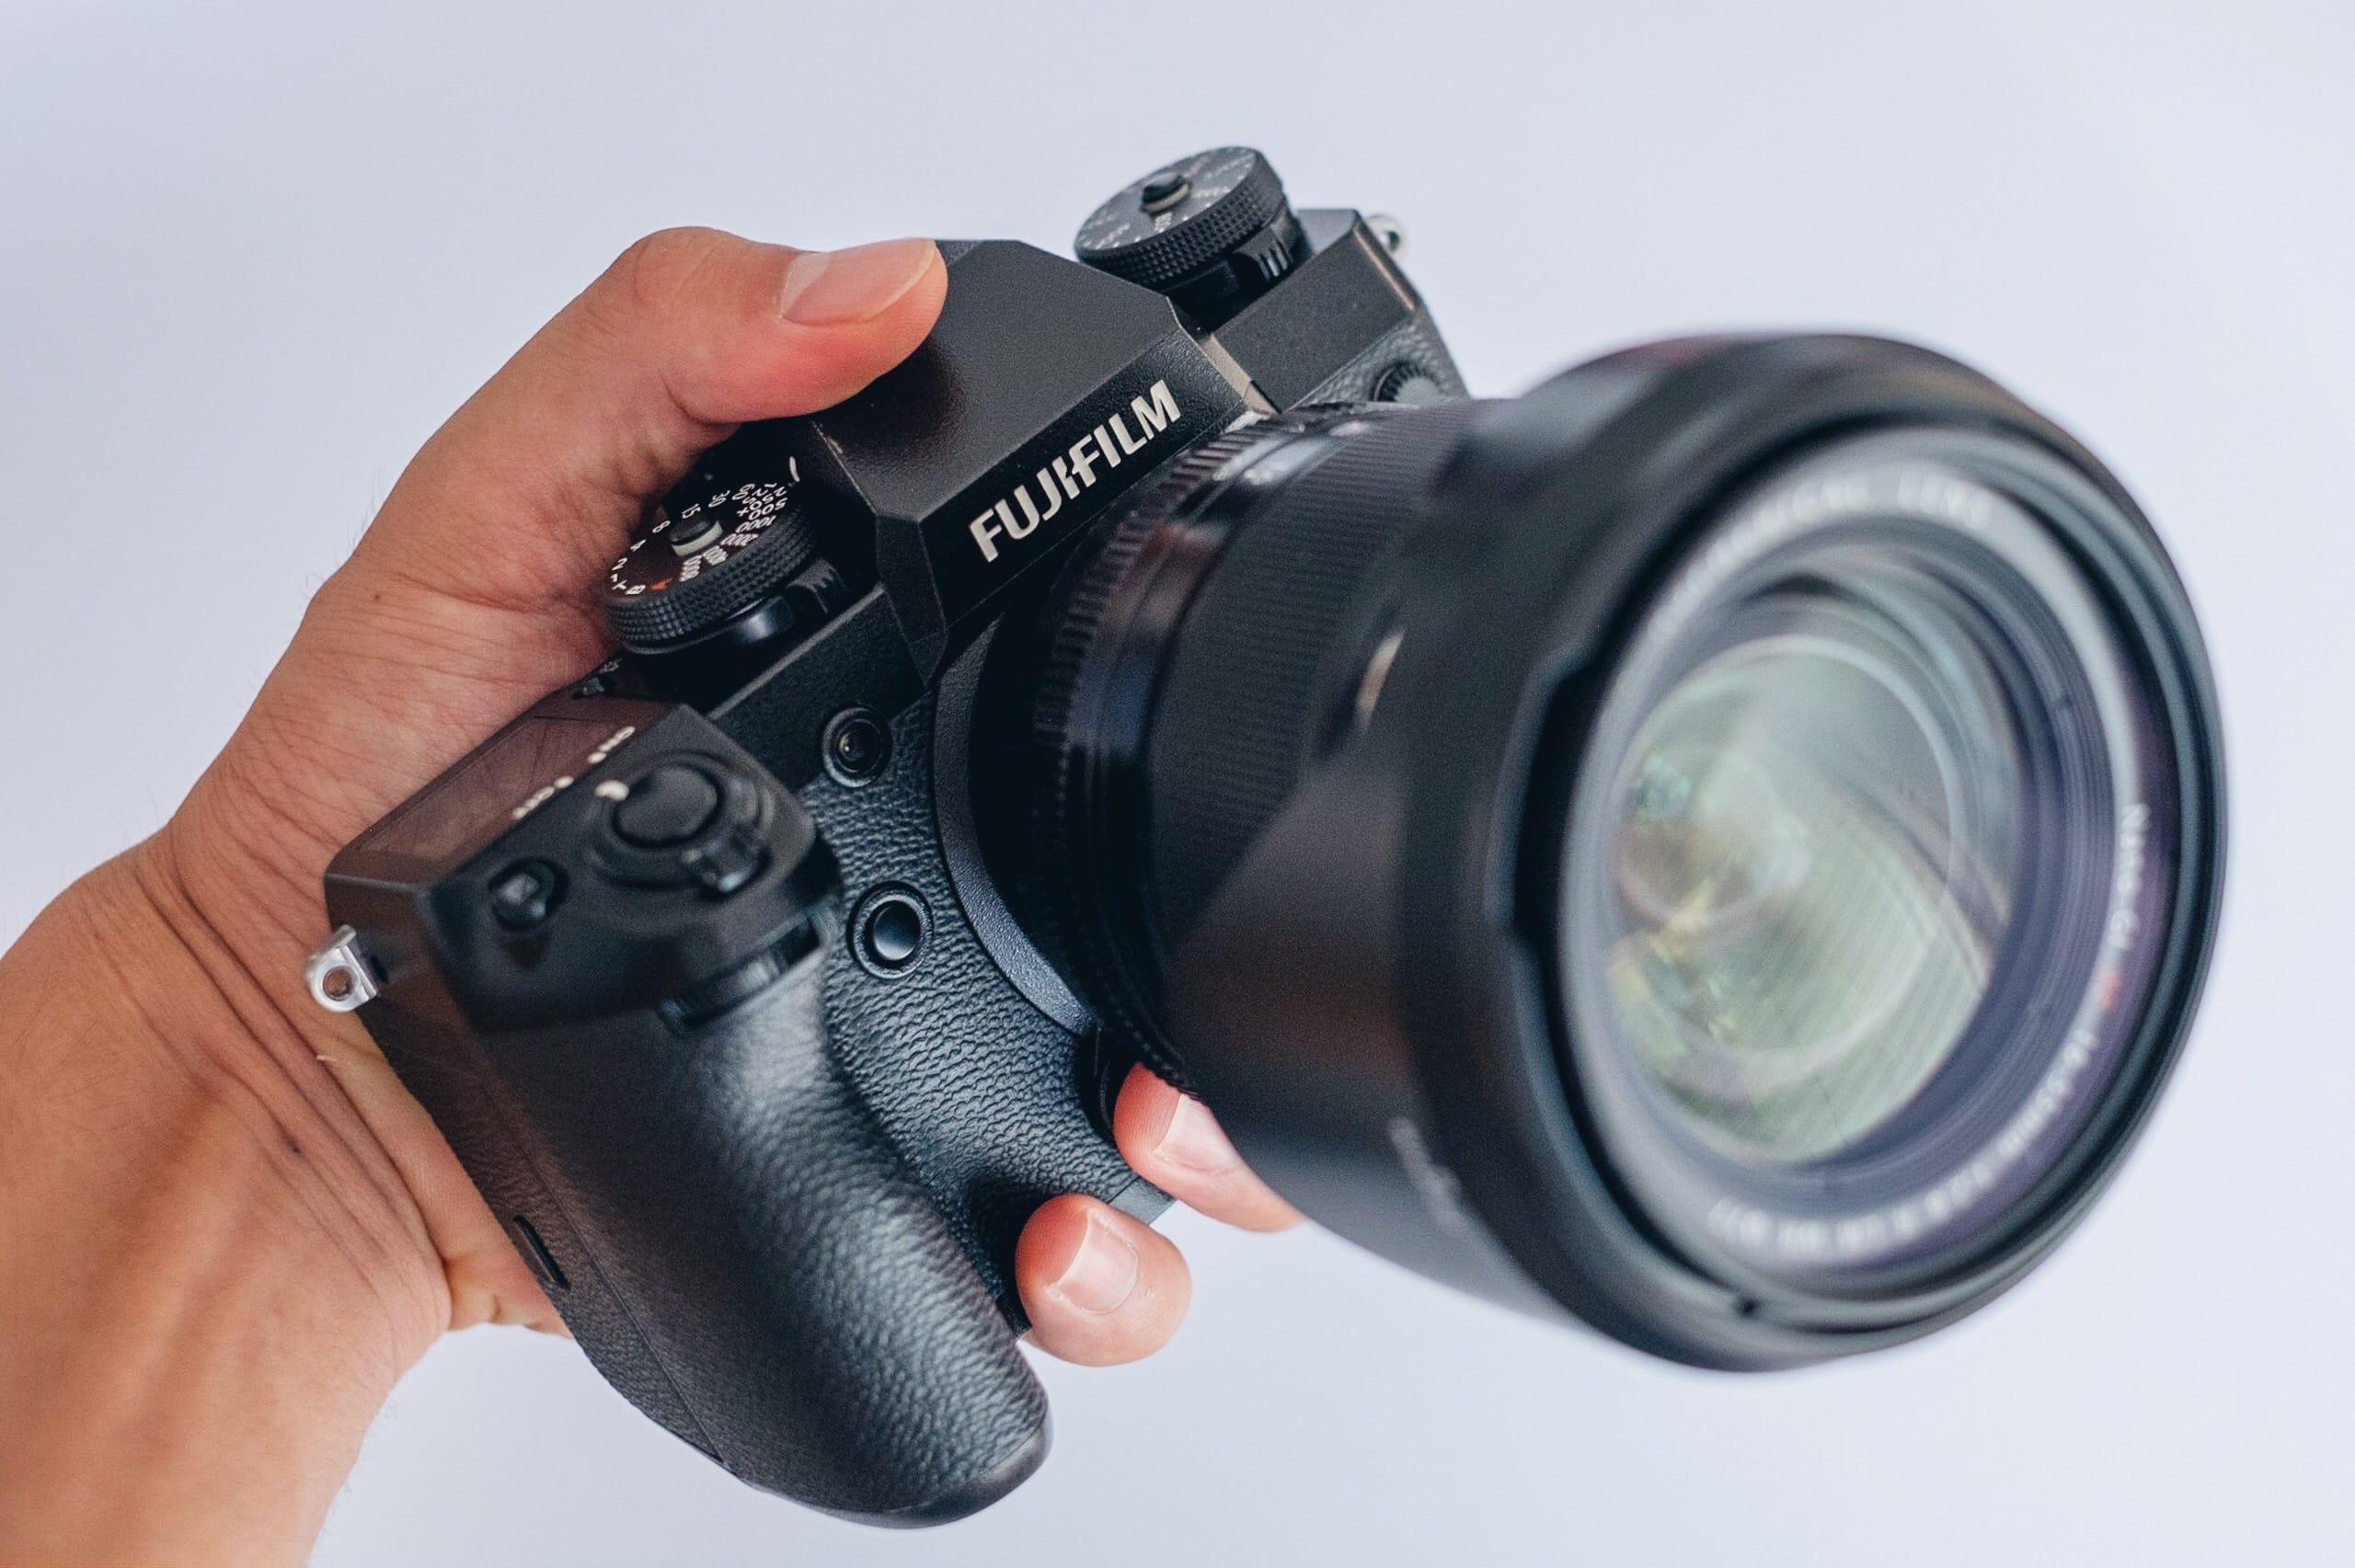 FUJIFILM X-H1半年使用レビュー。X-Pro2好きが感じた魅力と安心感【作例あり】